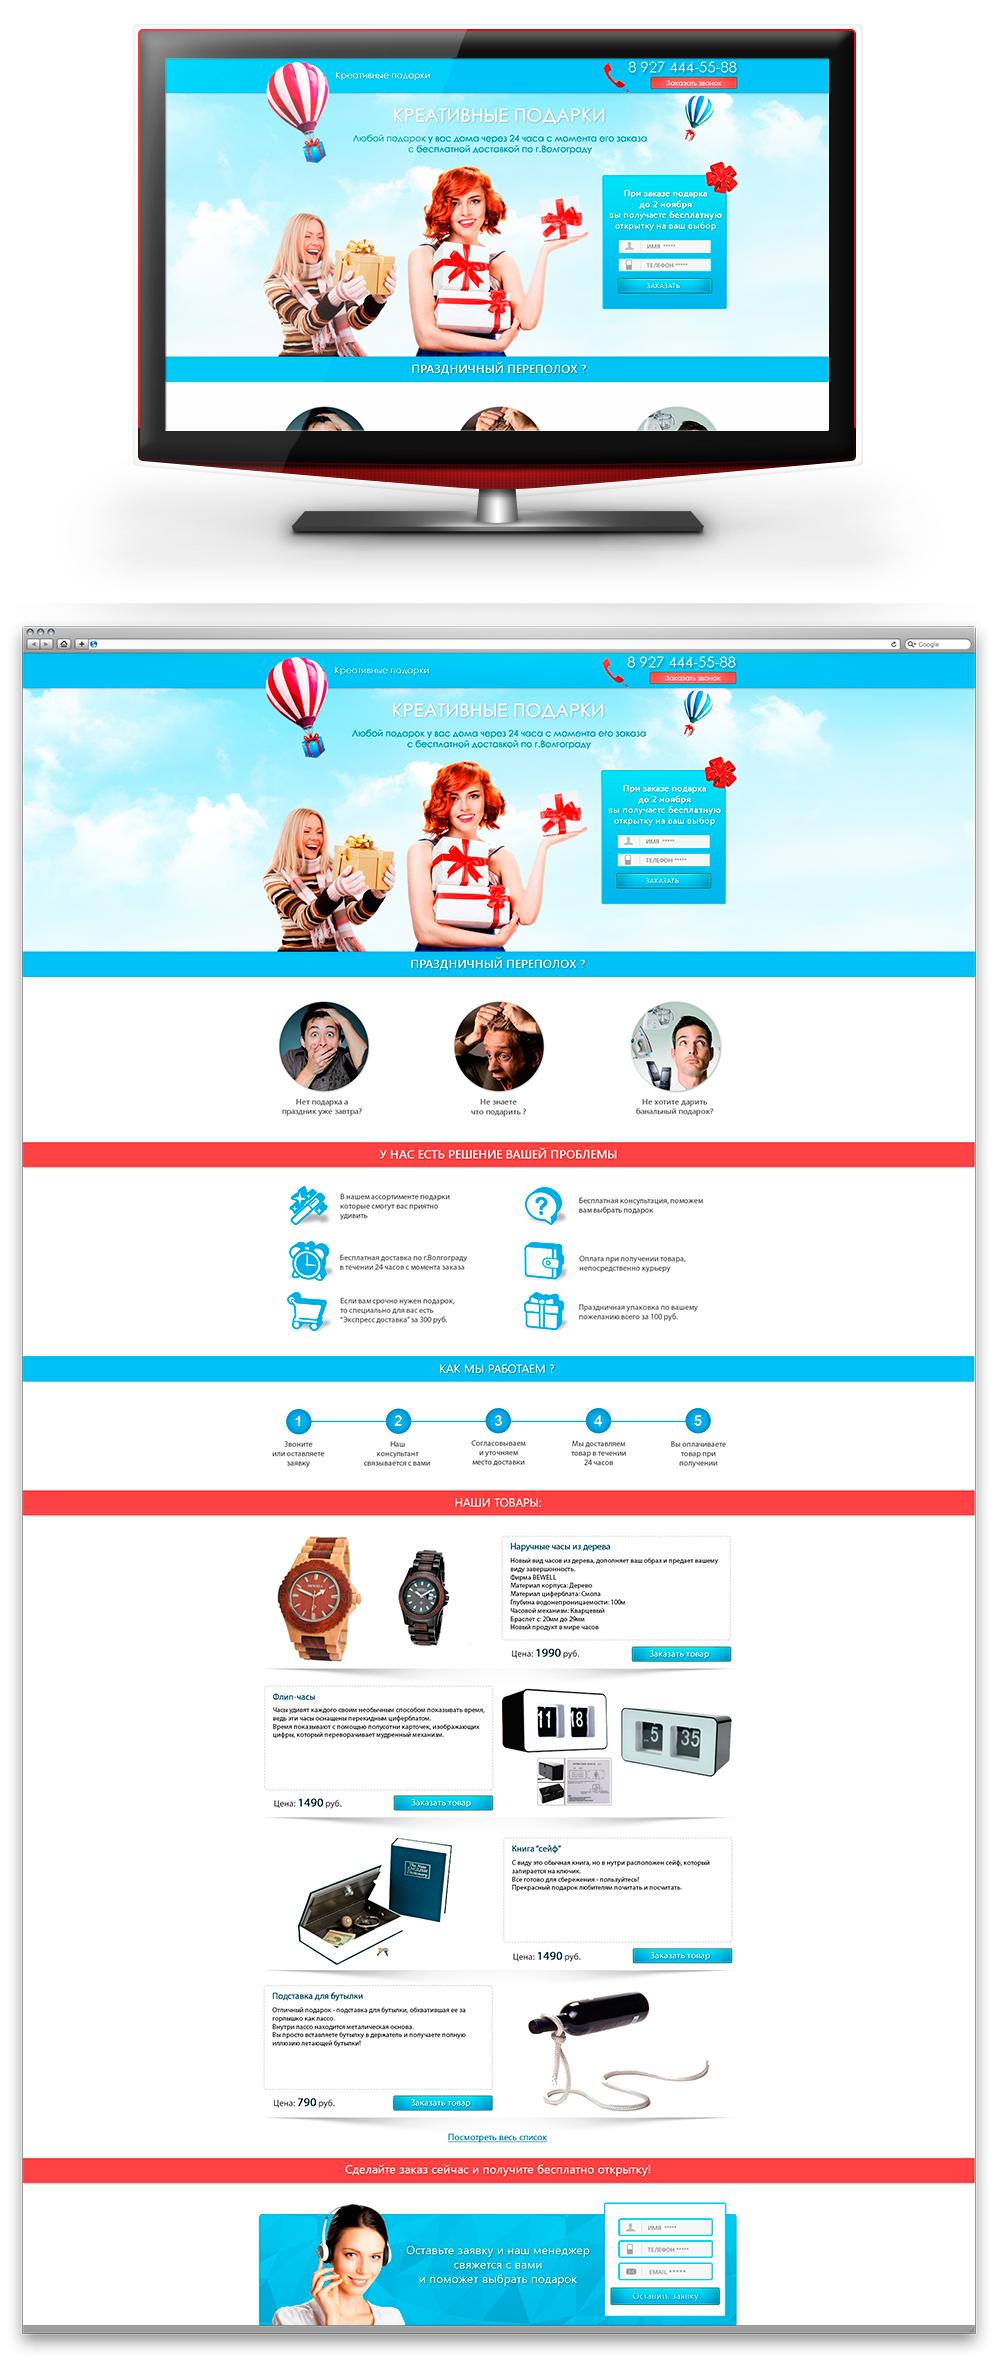 Дизайн Landing Page по продаже креативных подарков